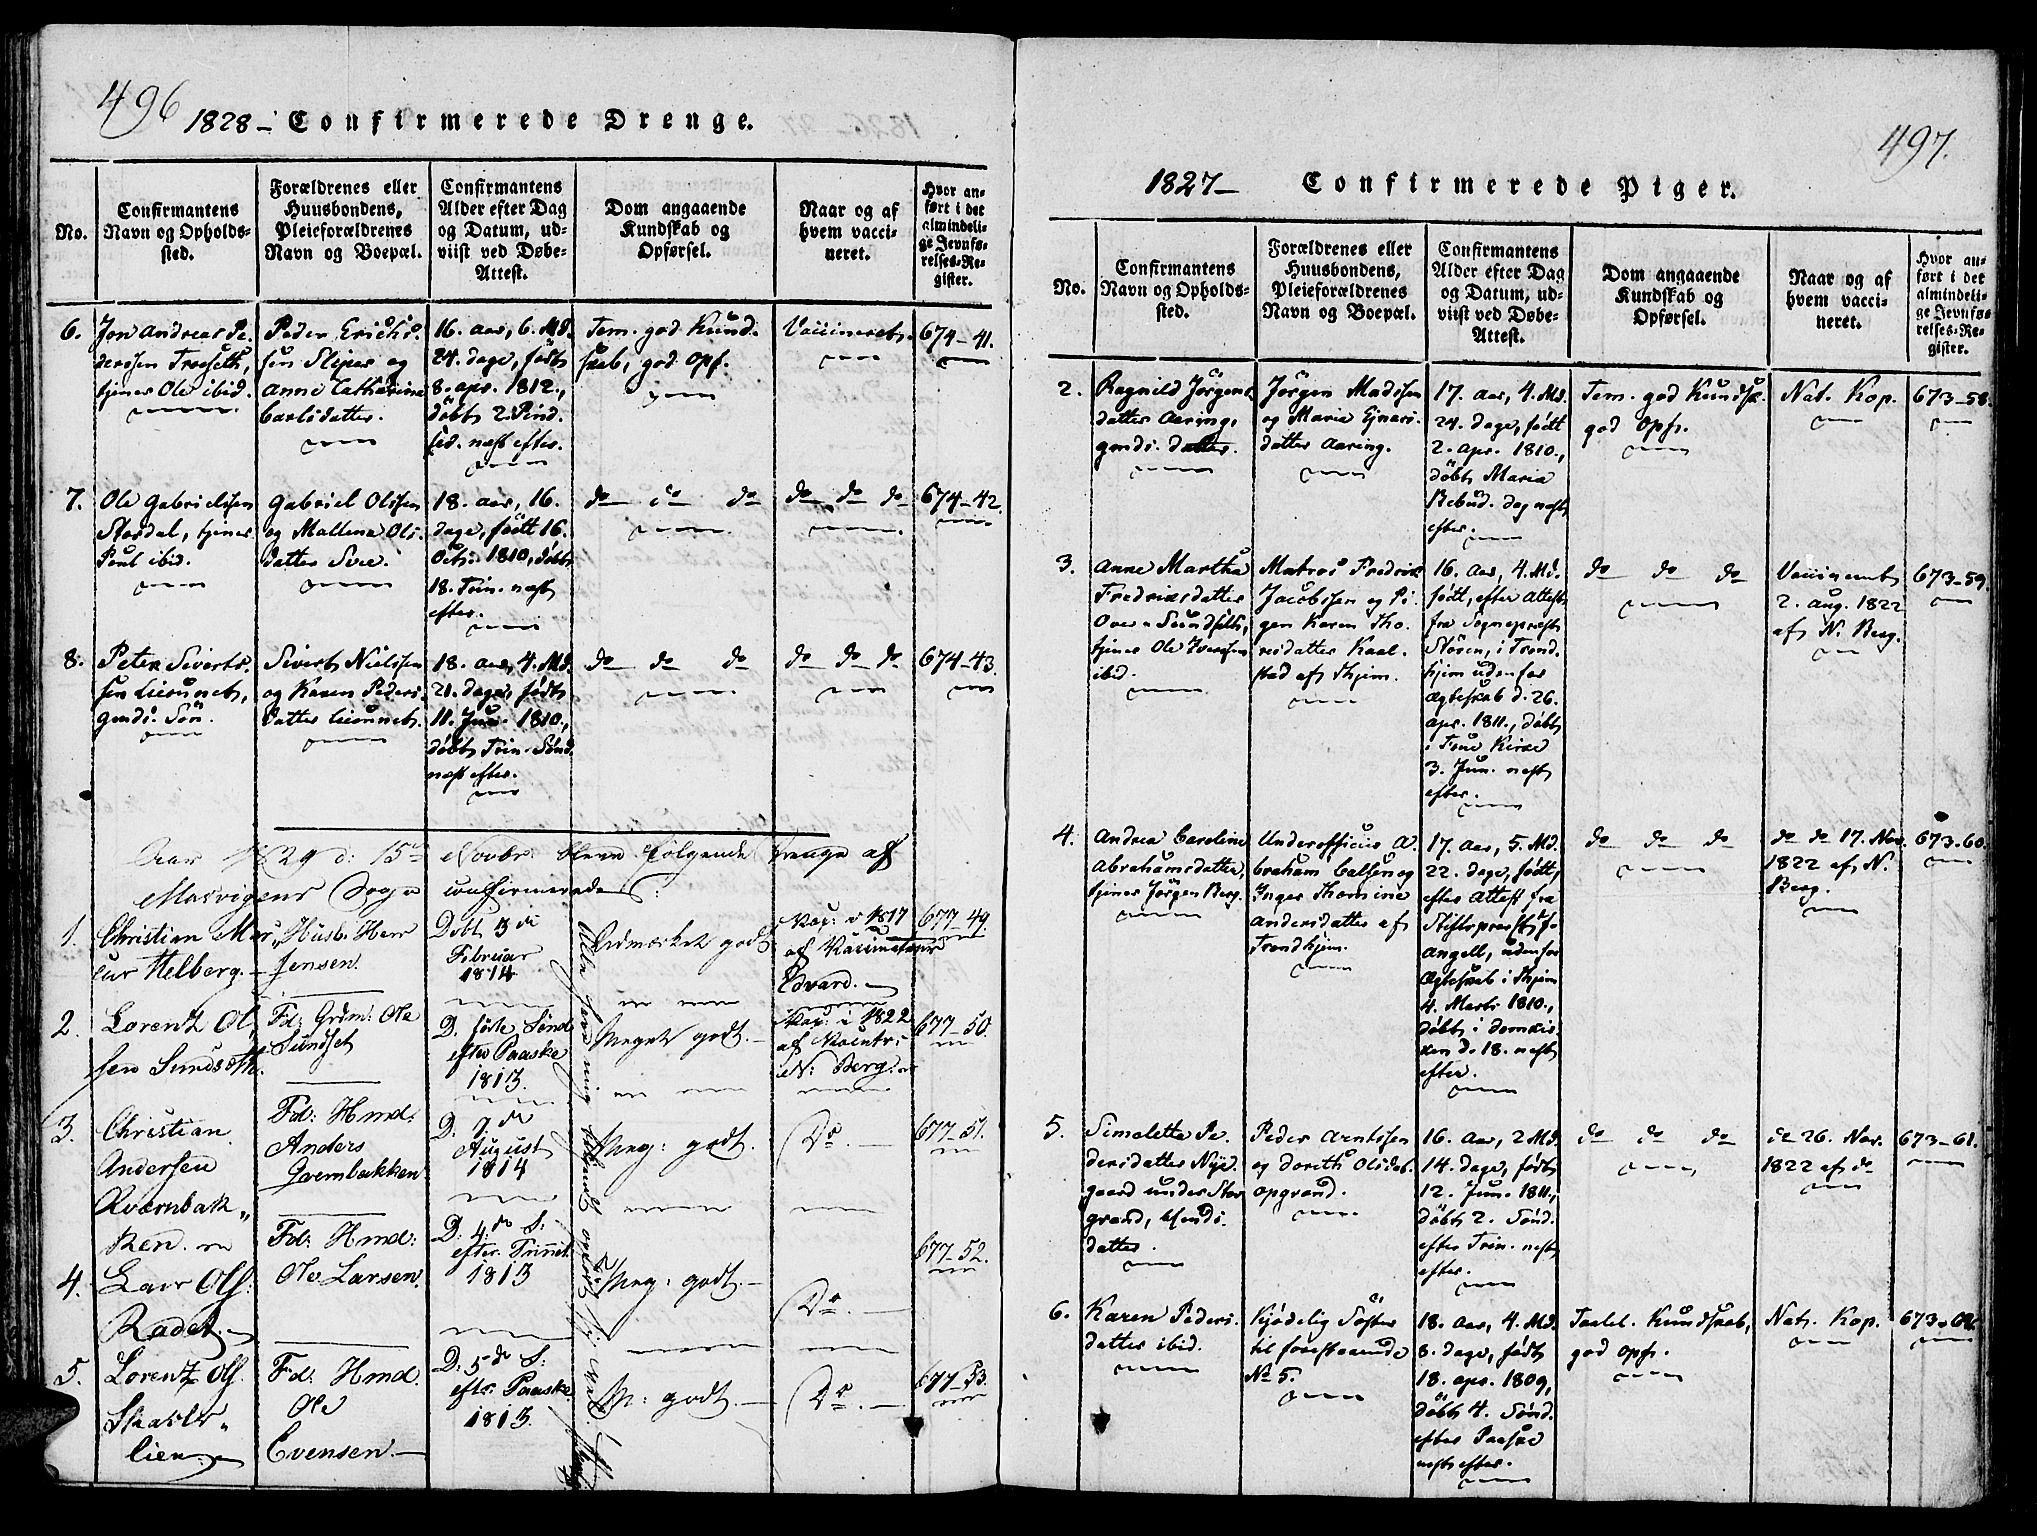 SAT, Ministerialprotokoller, klokkerbøker og fødselsregistre - Nord-Trøndelag, 733/L0322: Ministerialbok nr. 733A01, 1817-1842, s. 496-497